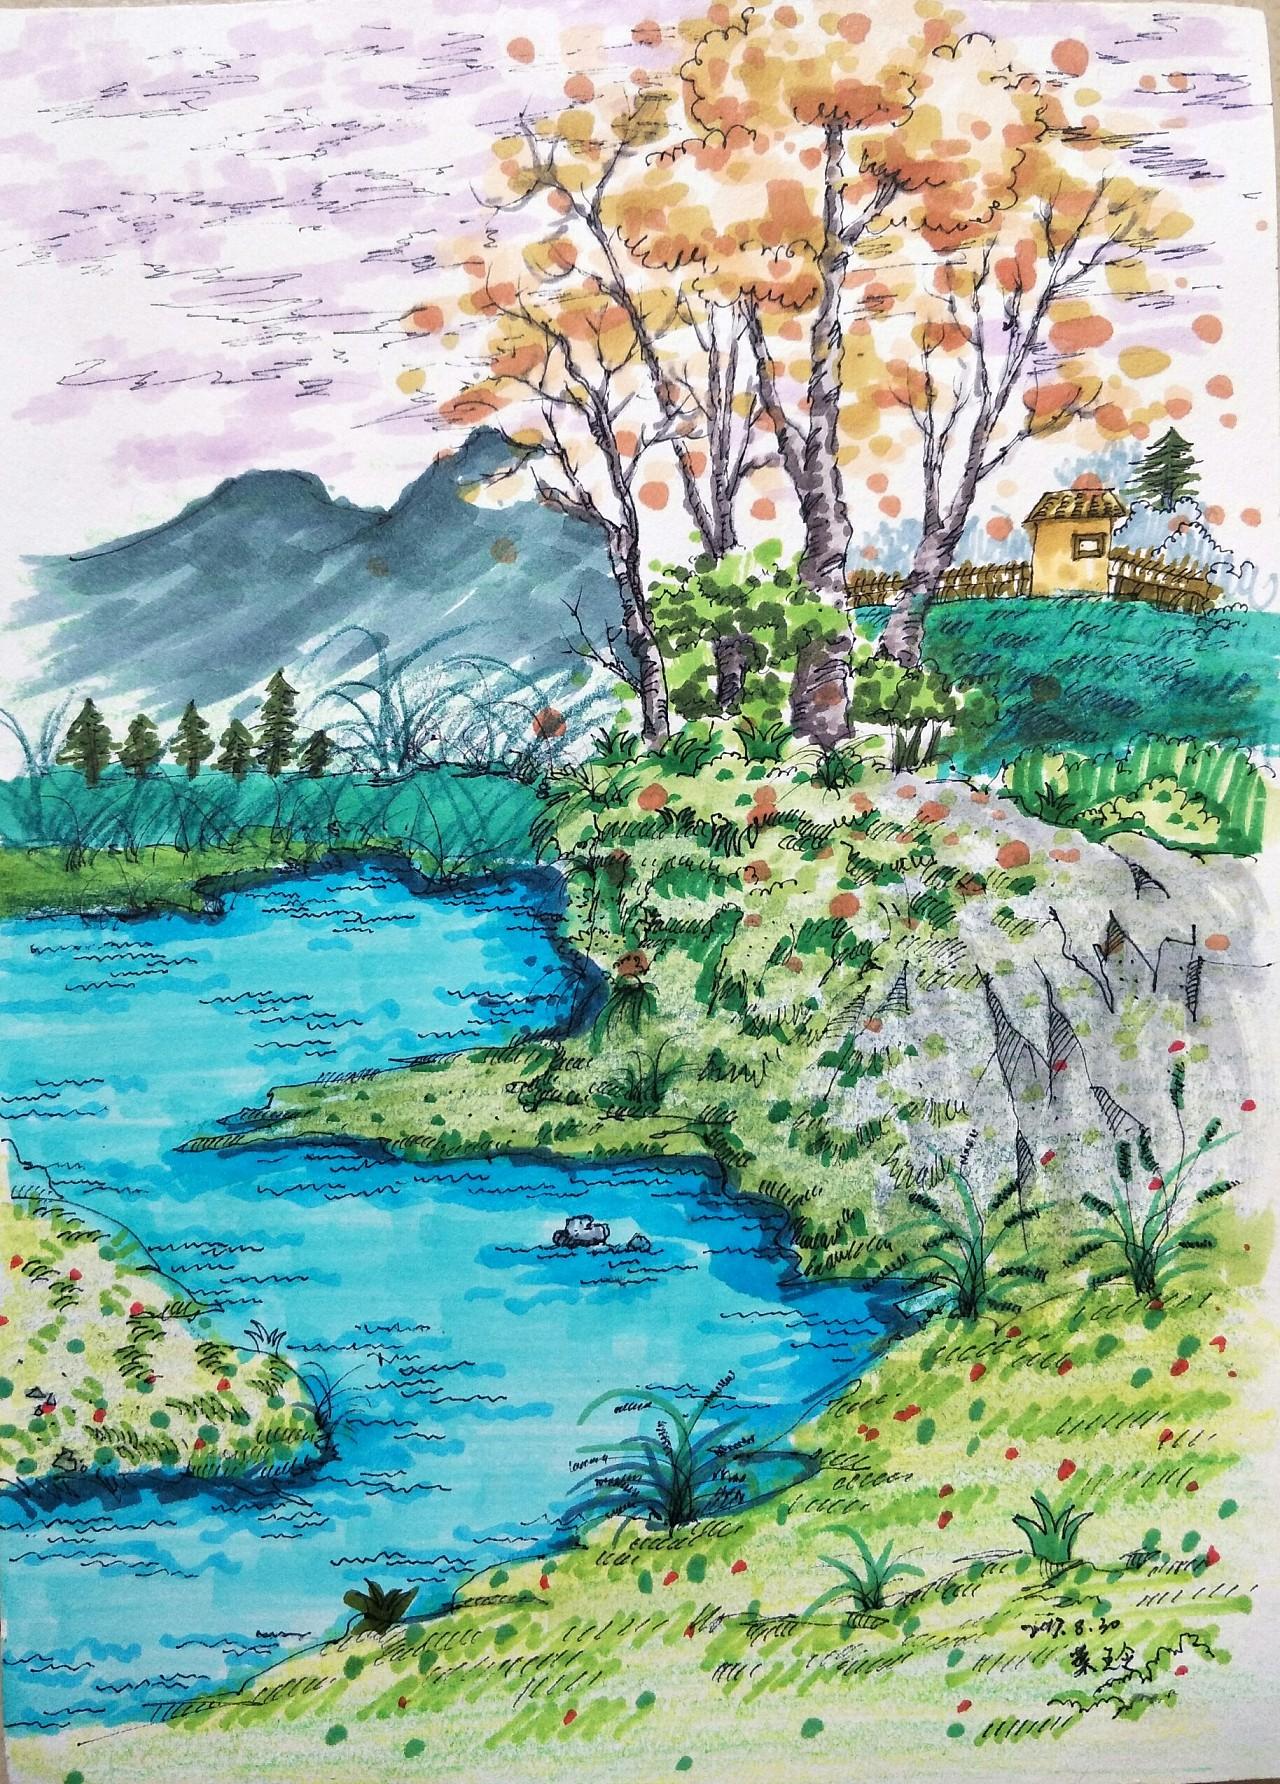 马克笔手绘风景